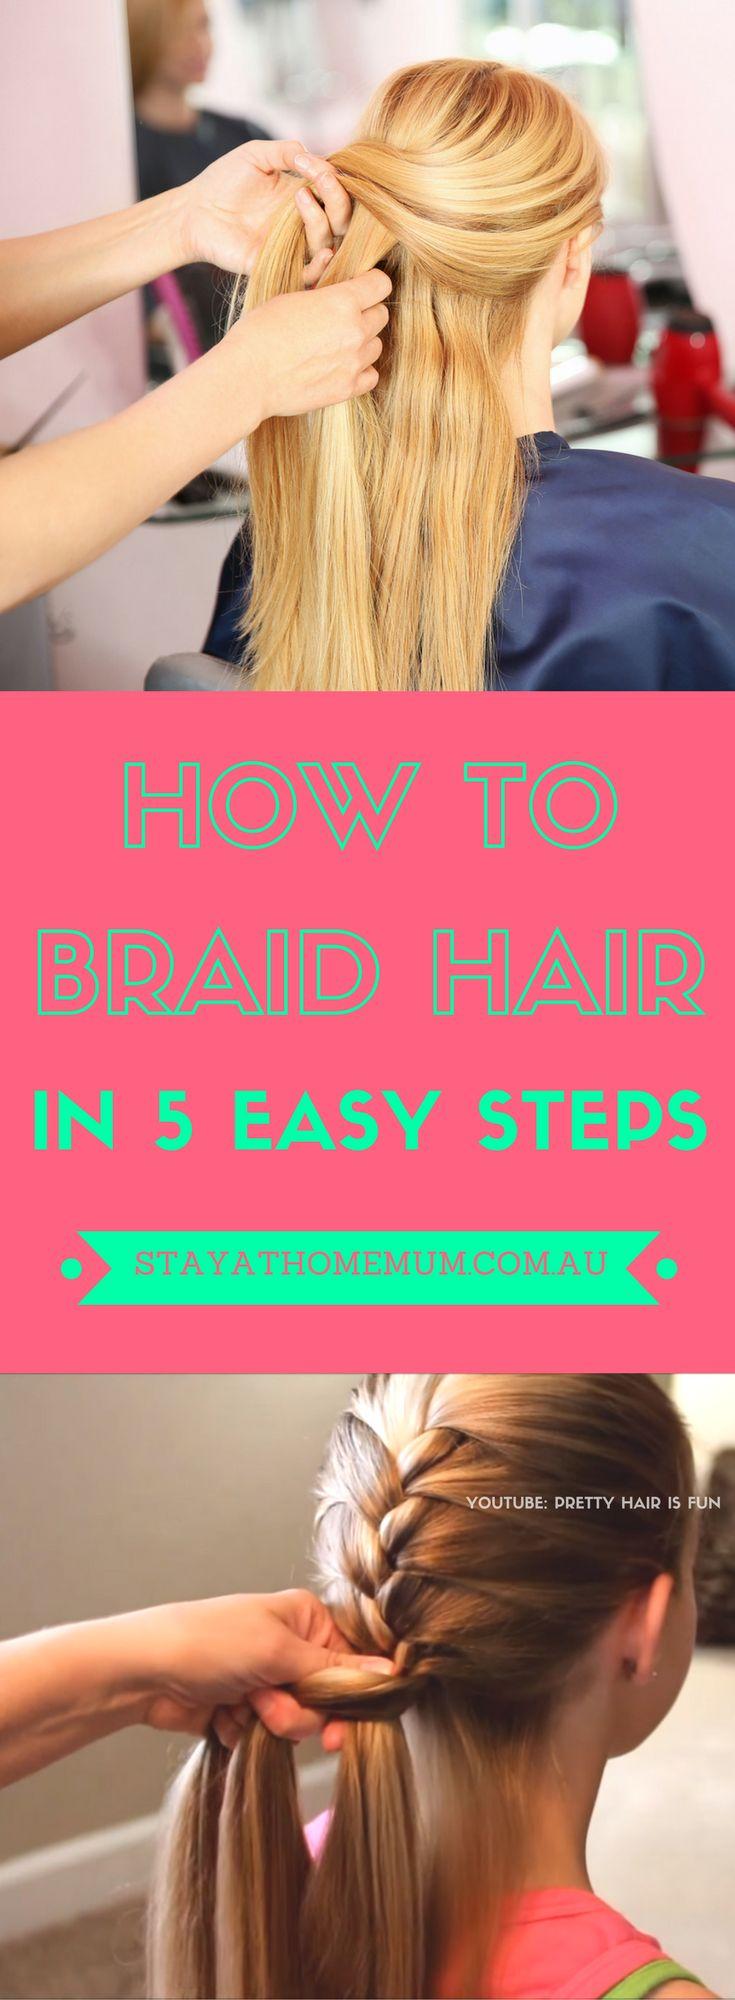 Basic Hair Braiding